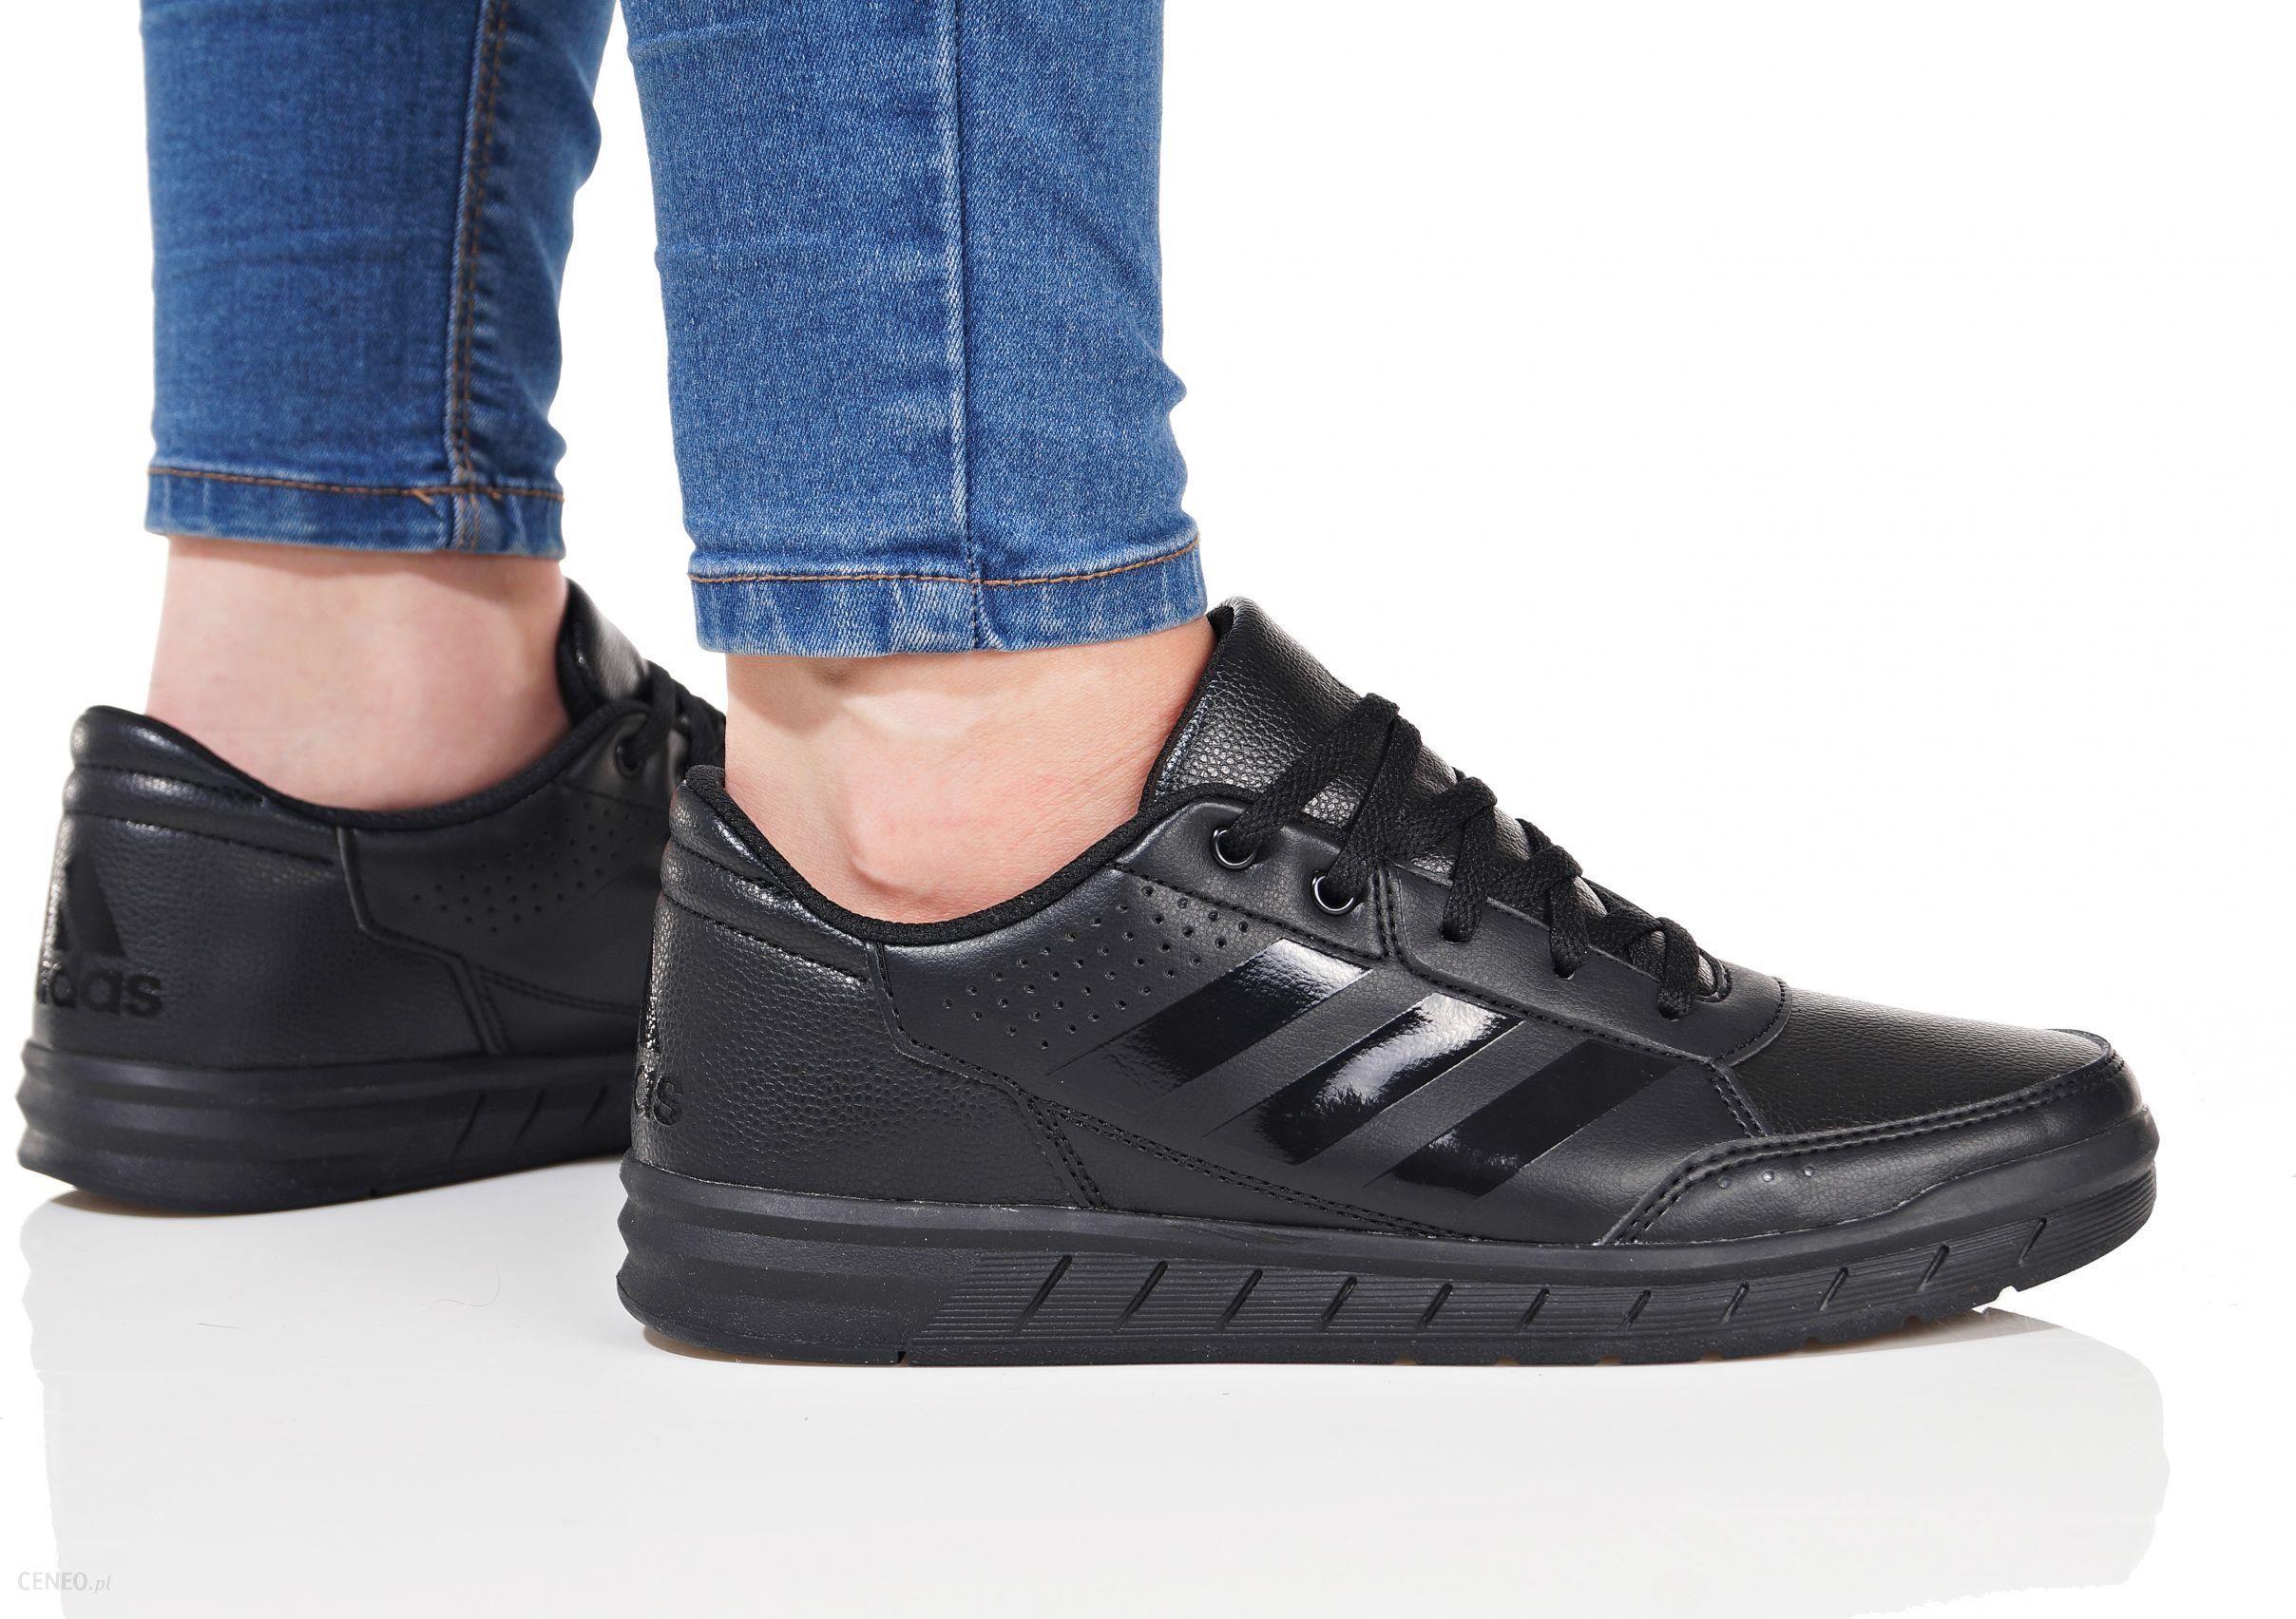 buty adidas altasport dla dorosłych